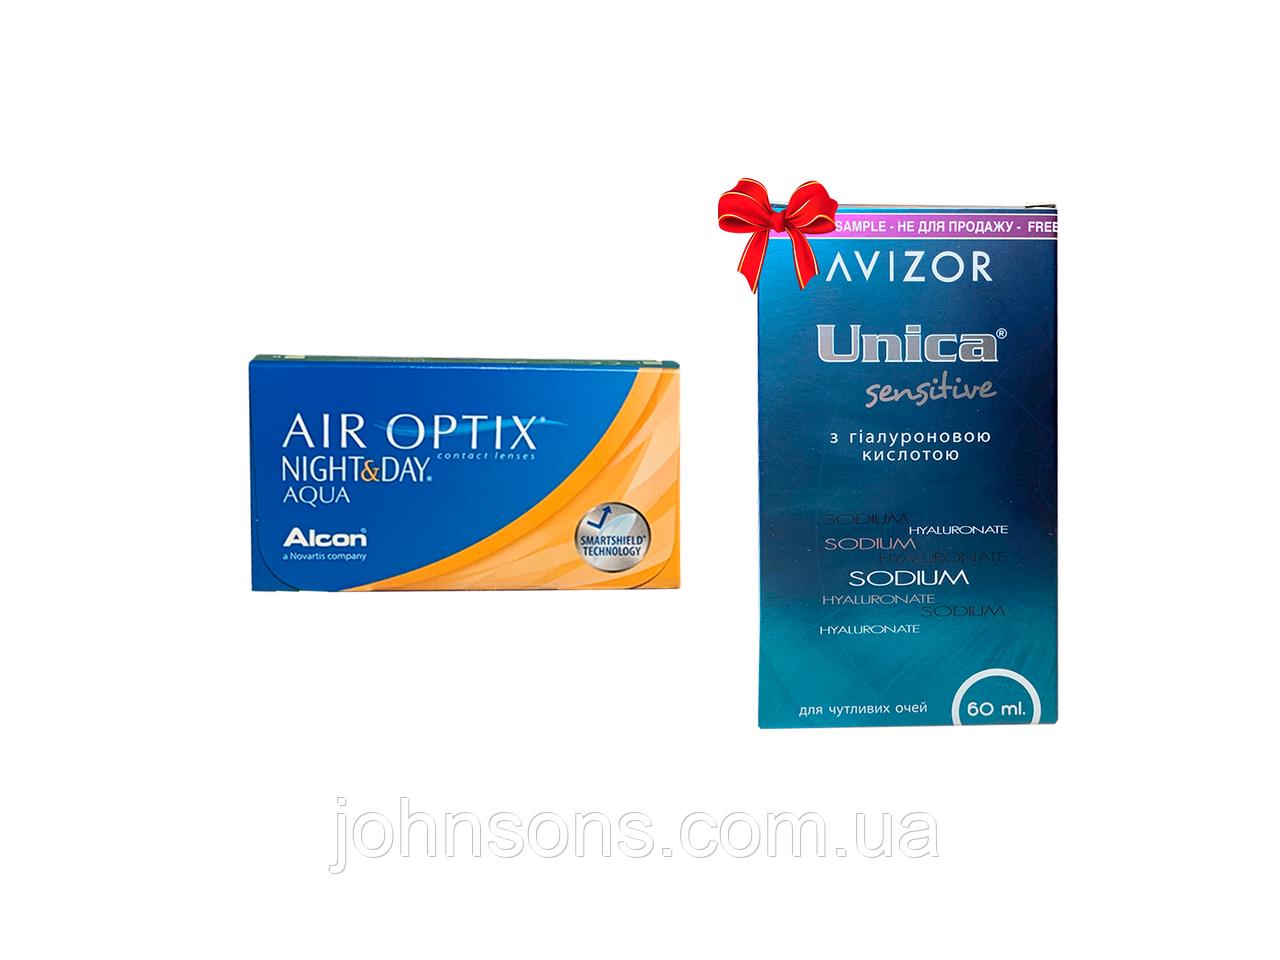 Air Optix Night&Day Aqua 1уп(3шт) + раствор Unica 60мл в Подарок